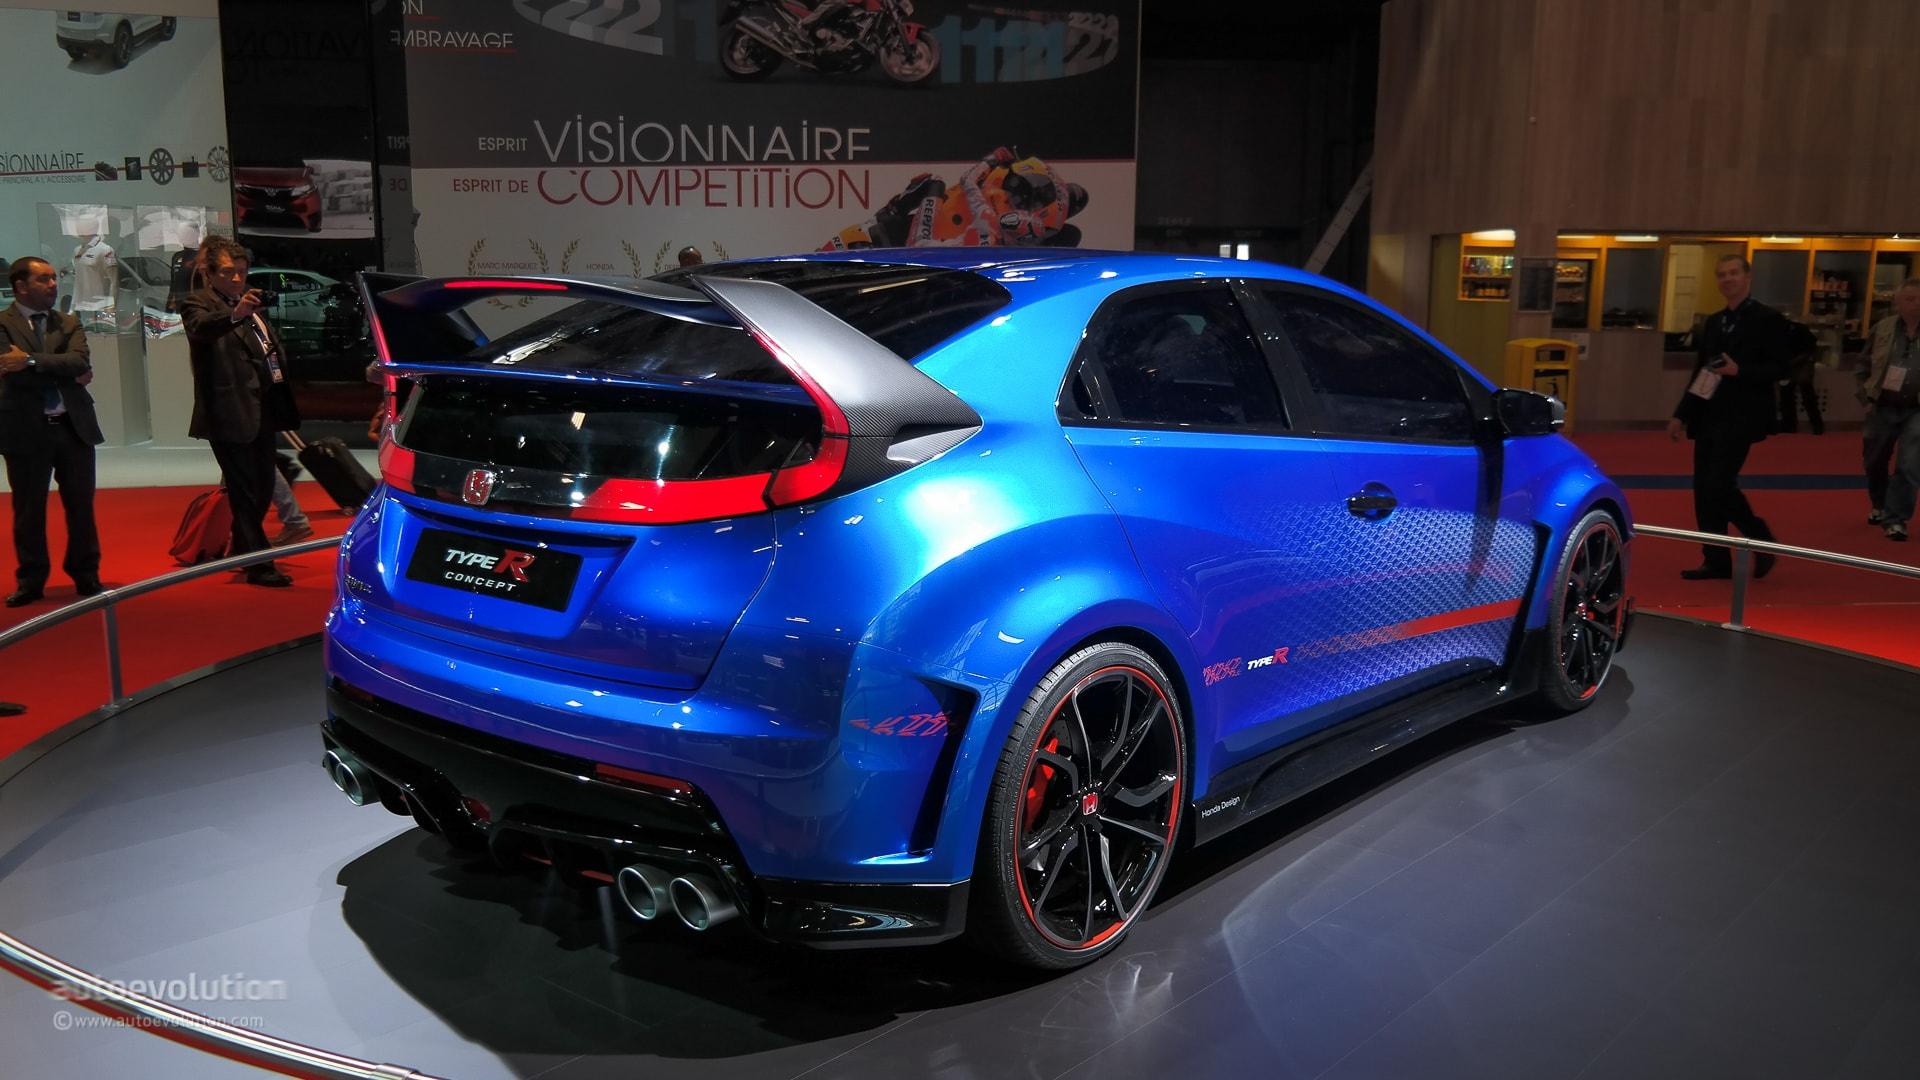 Honda Civic Type-R Full hd wallpapers